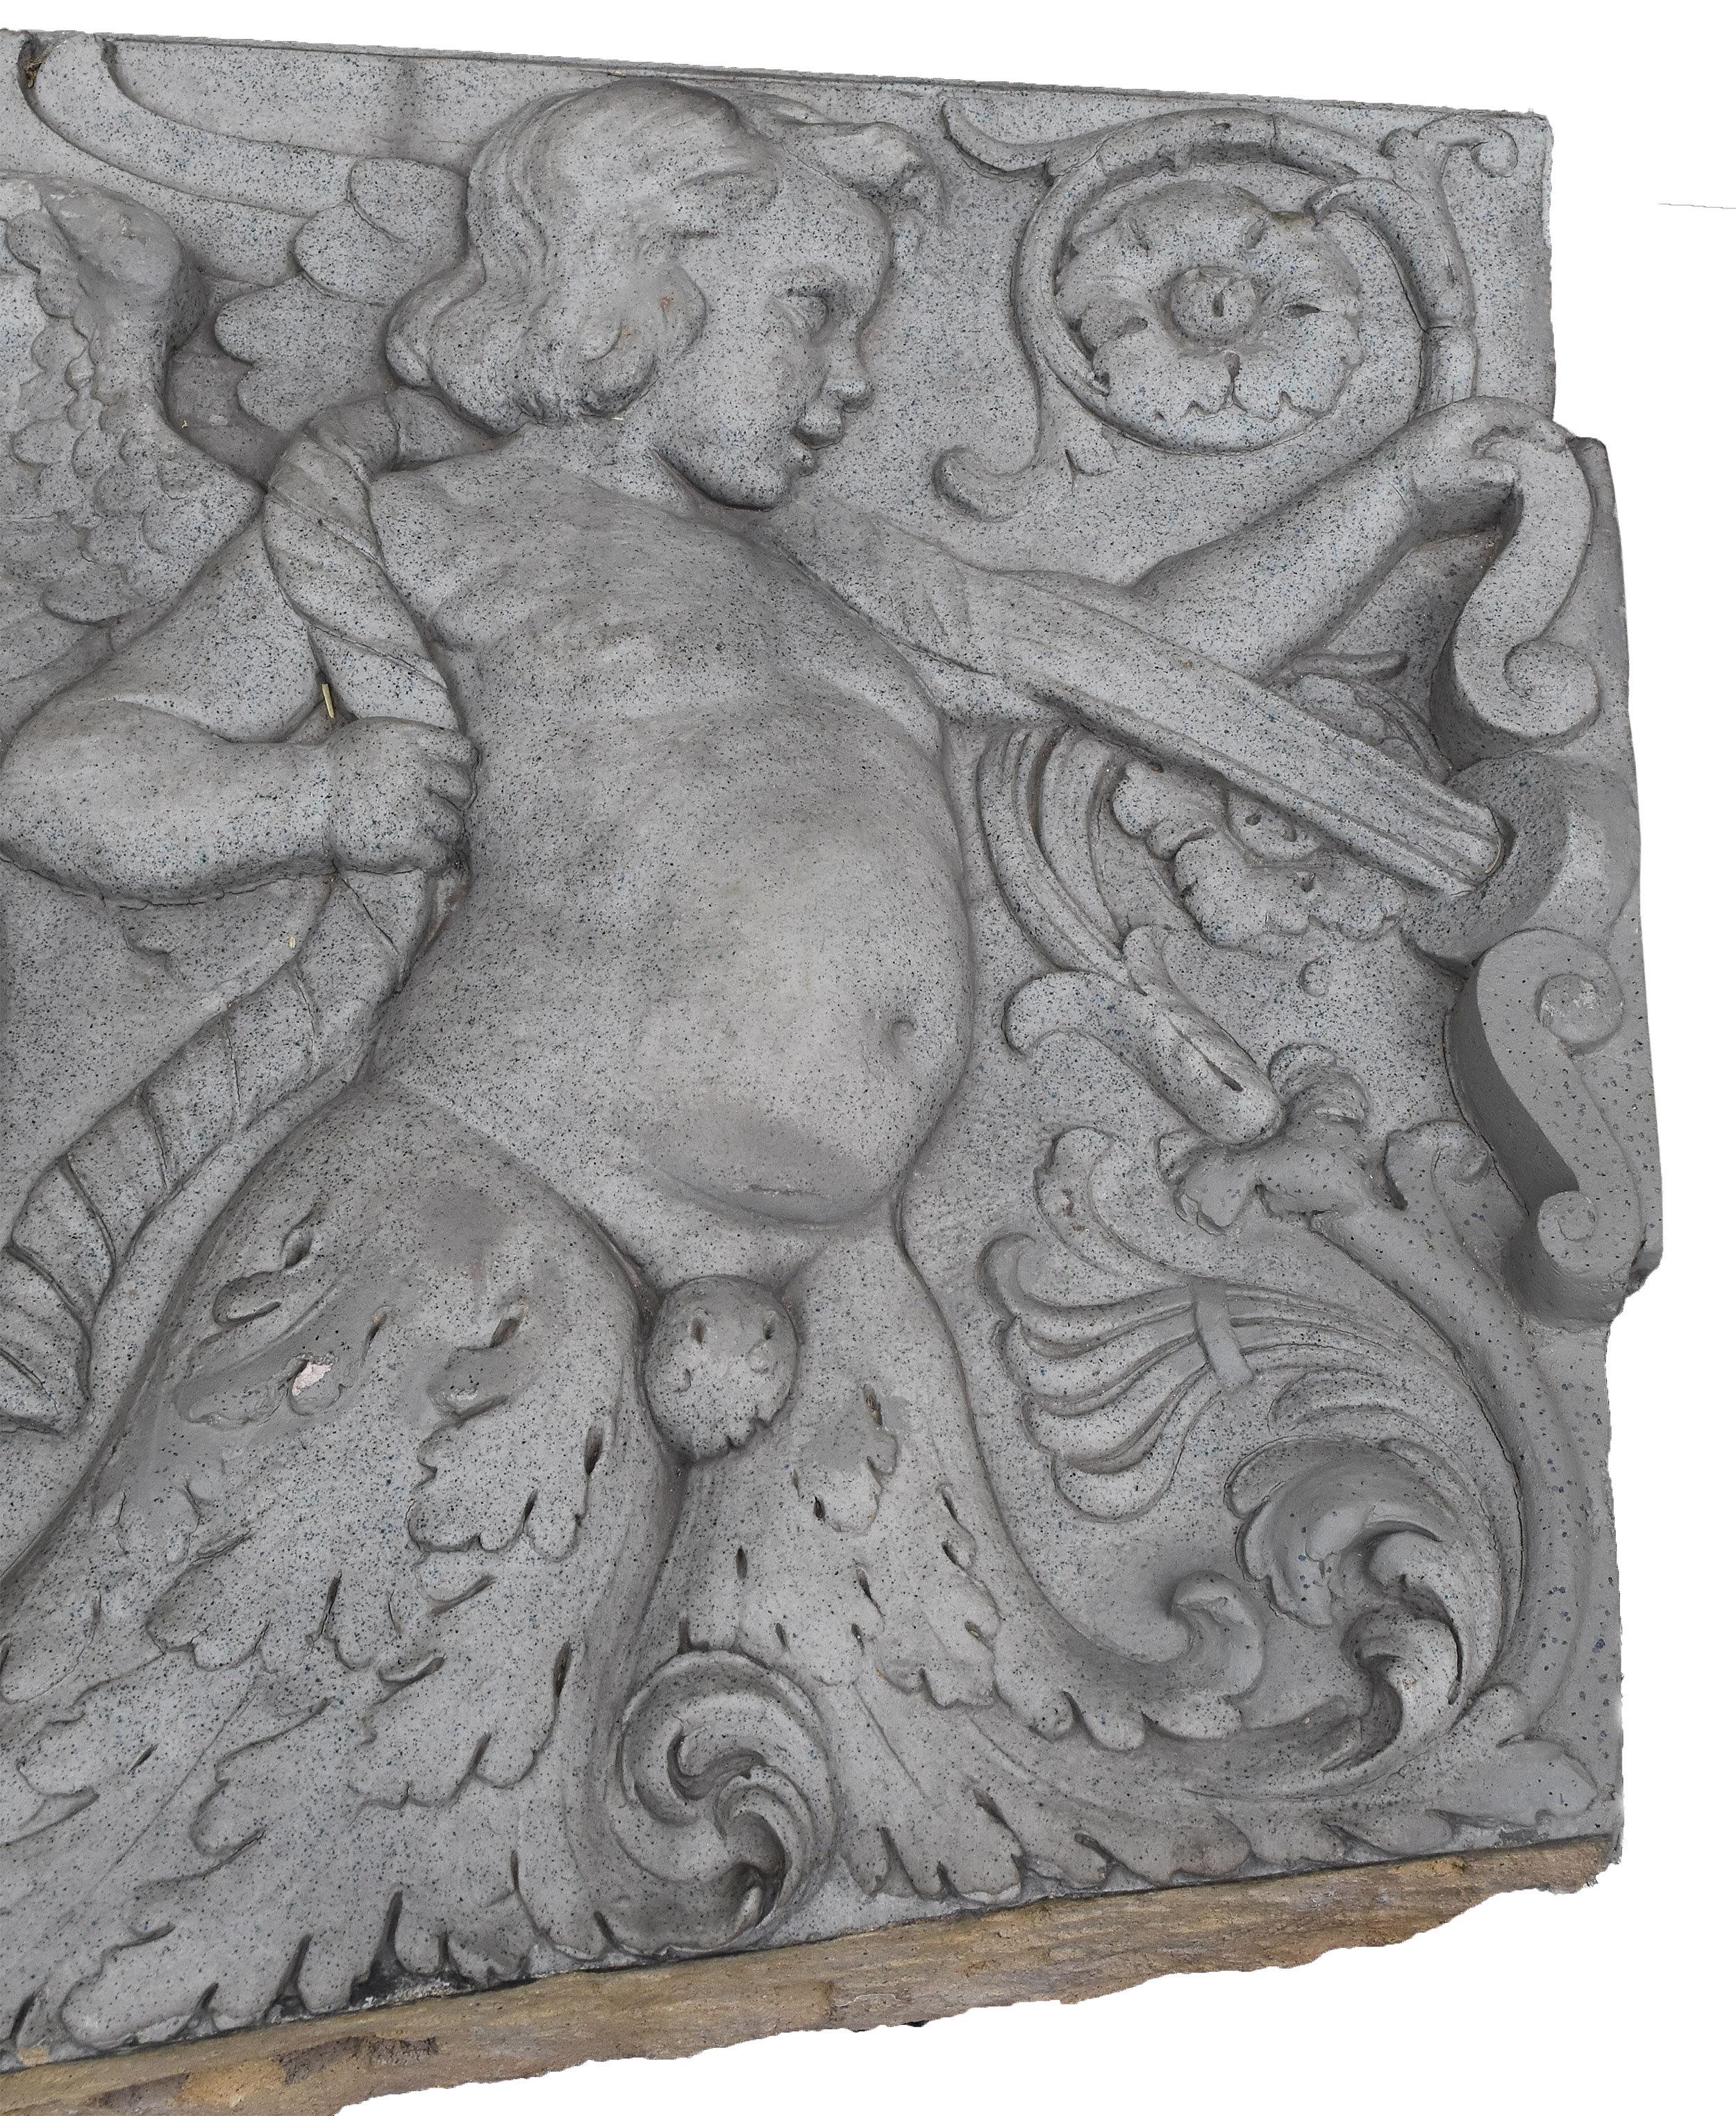 48457 Puti terracotta full facing right close.jpg